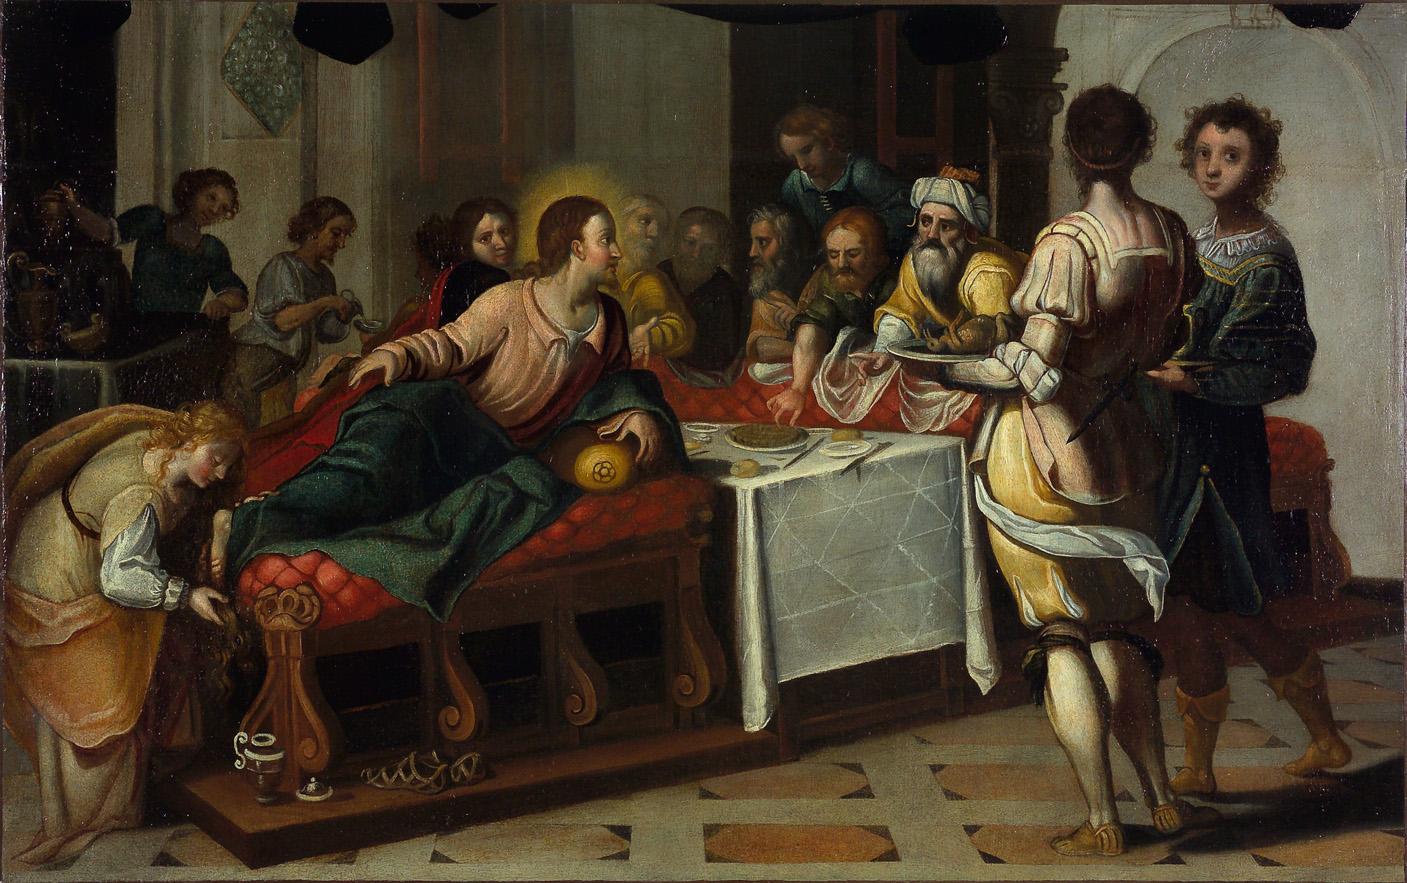 Le repas chez Simon, attr. à Matteo Ingoli